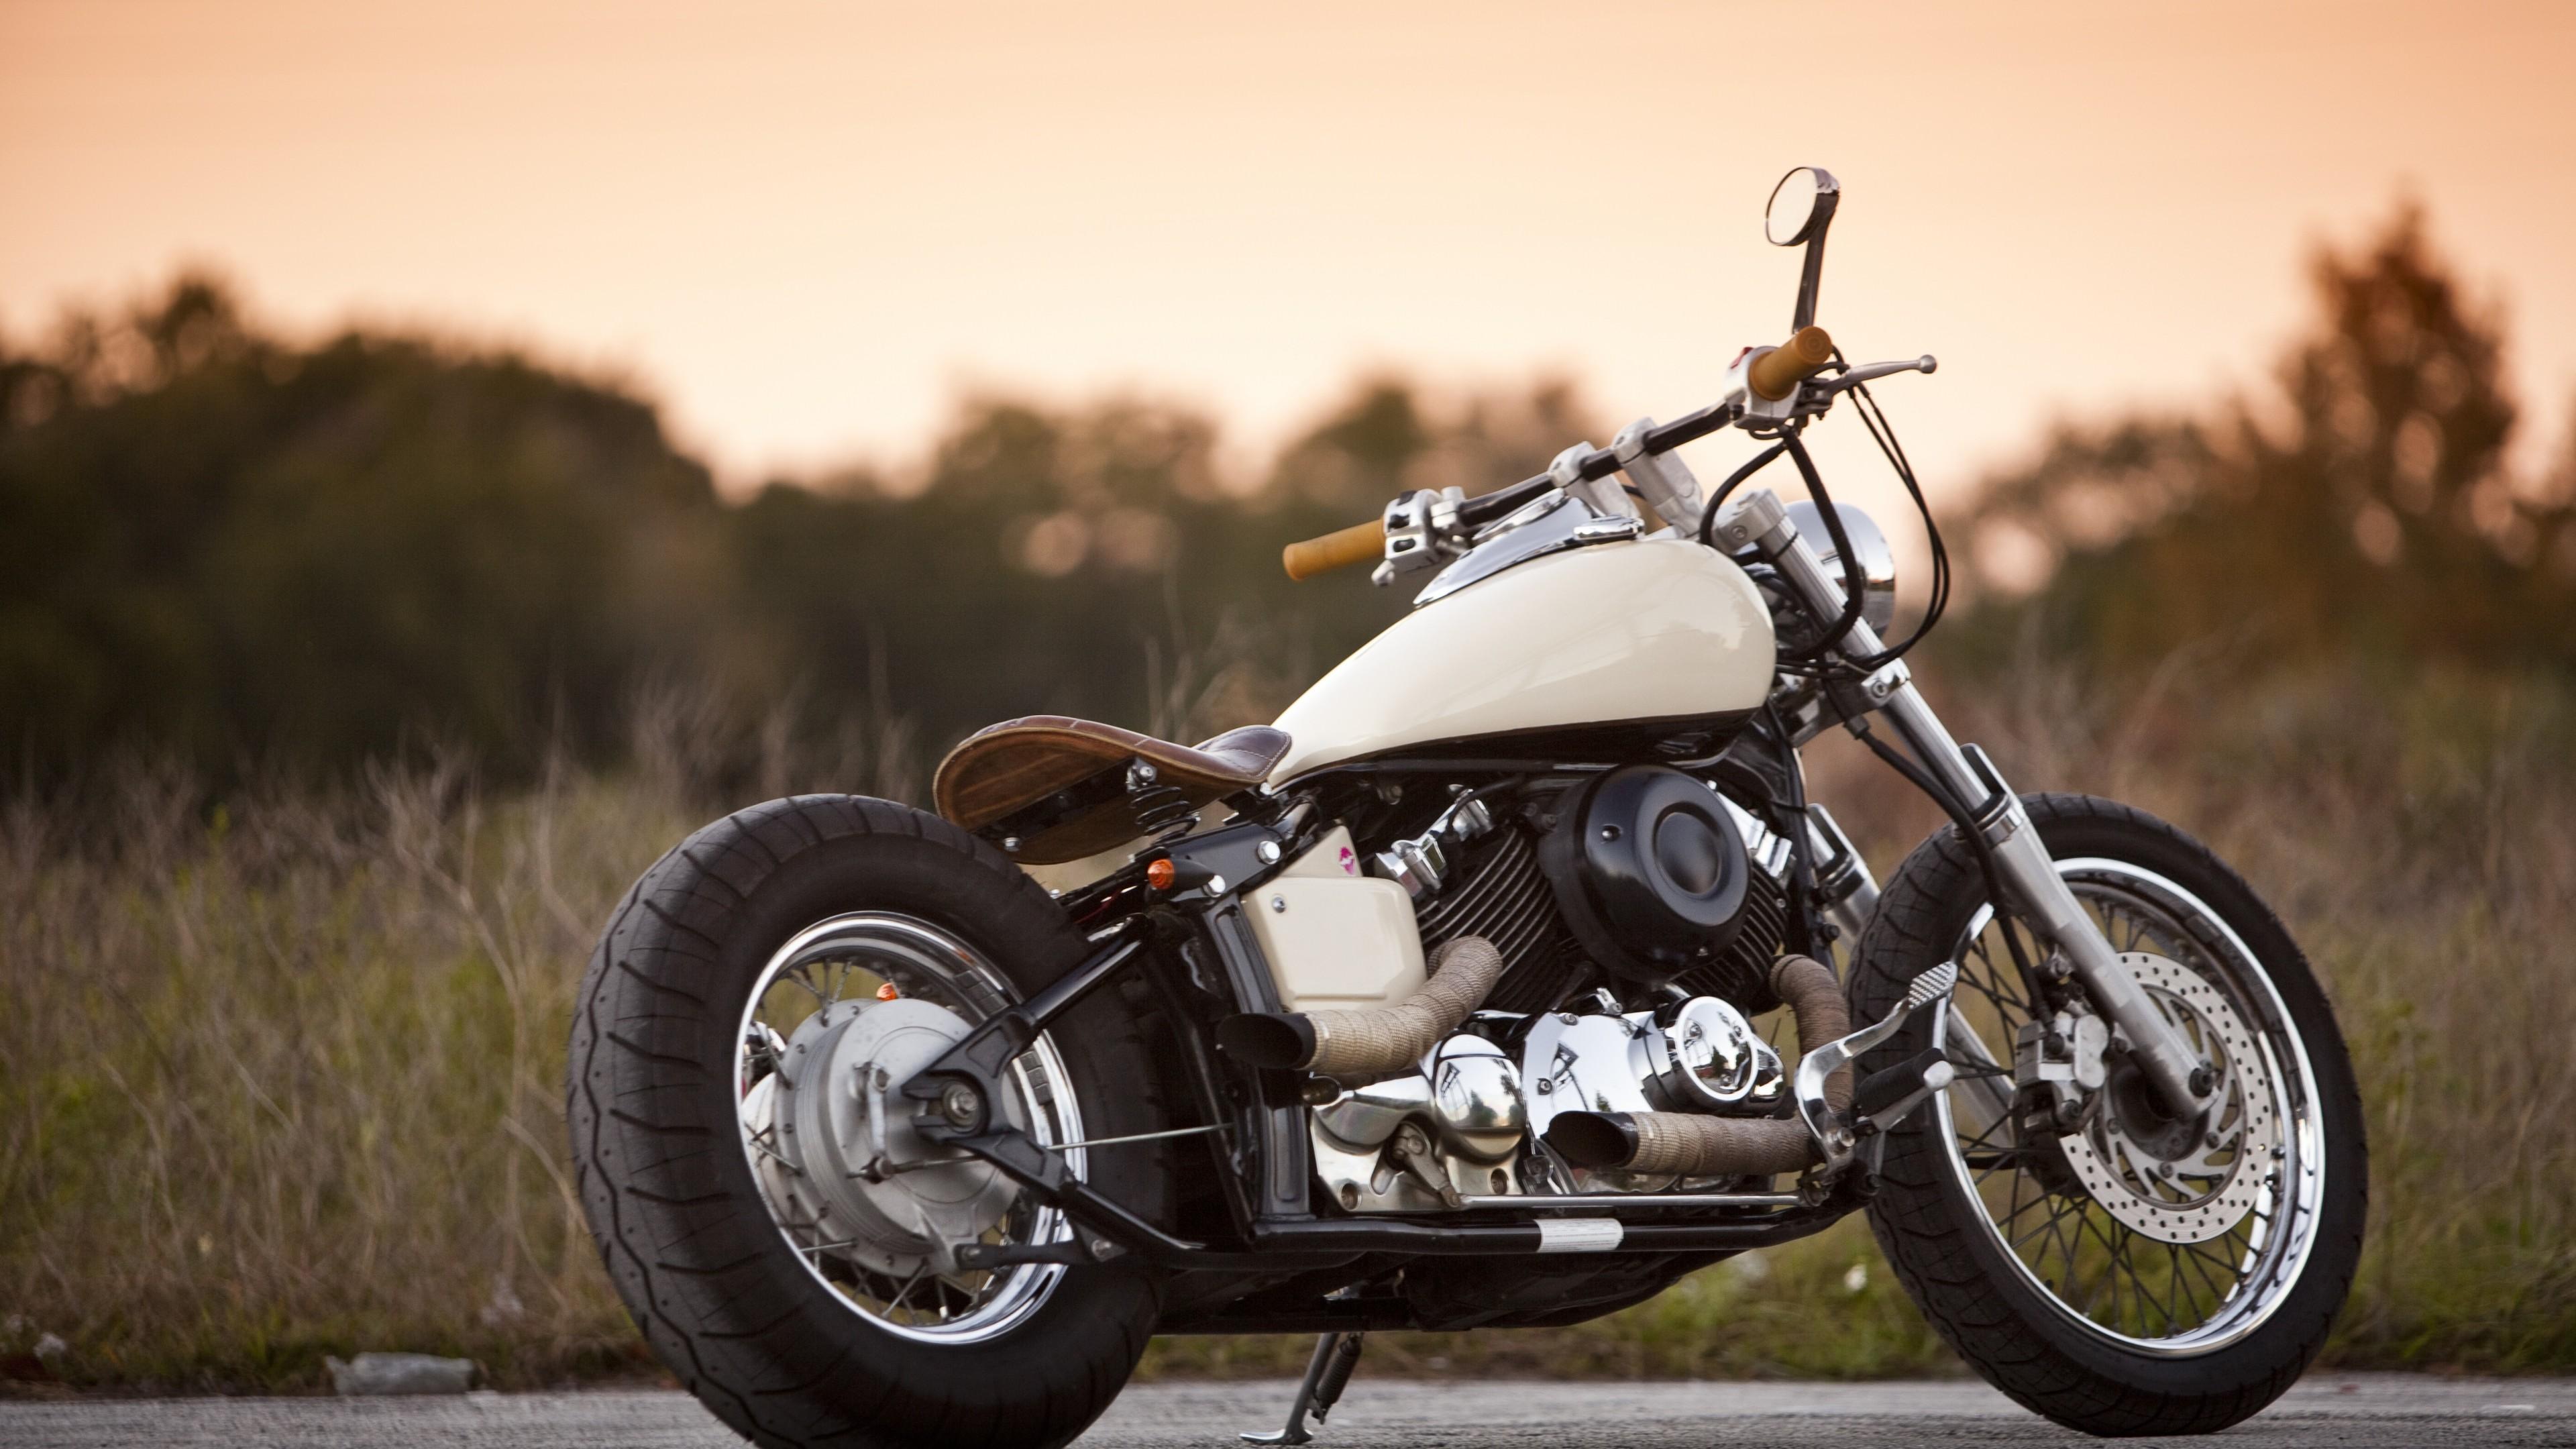 Luxury Lotus Motorcycle Hd Wallpapers And Desktop: Vintage Motorcycle Wallpaper (66+ Images